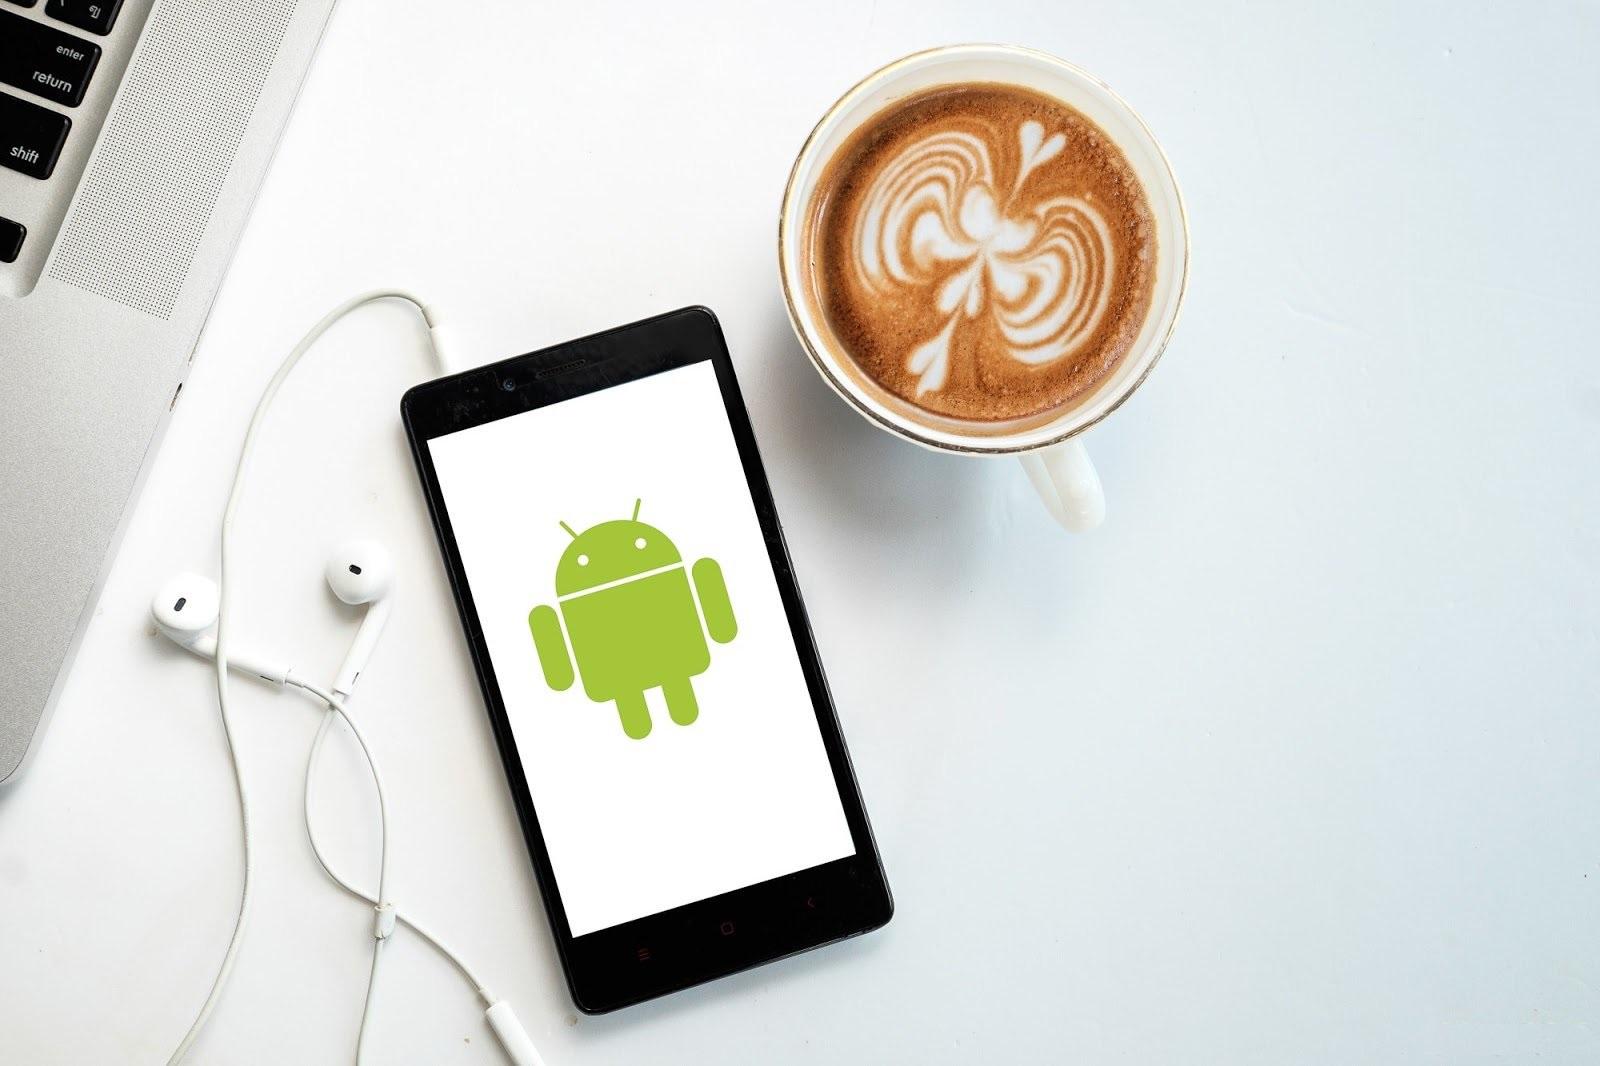 Телефон Андроид на столе